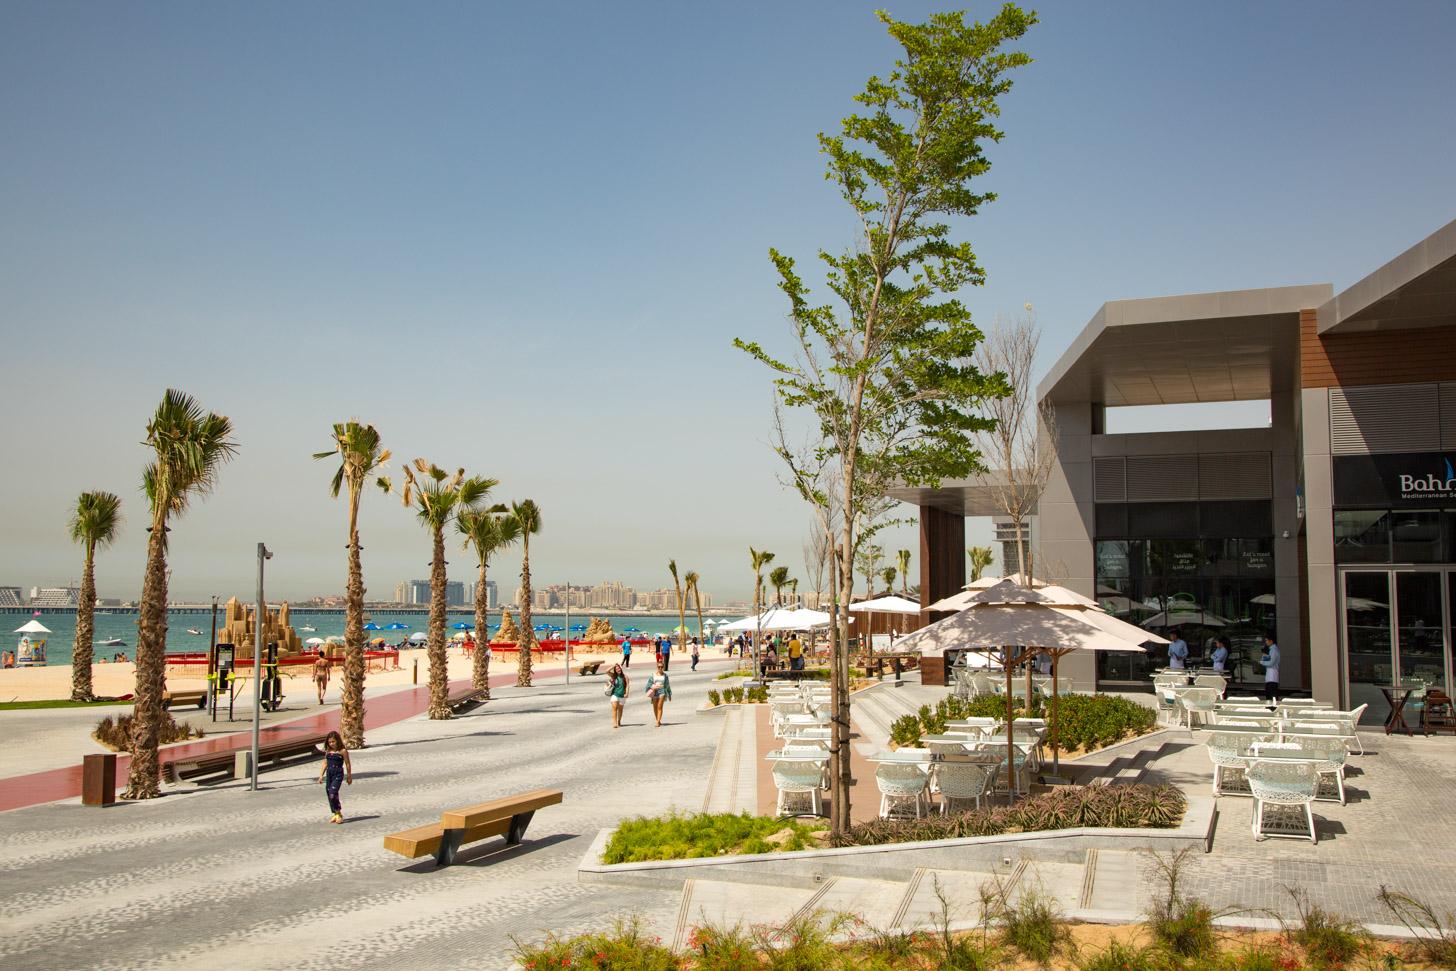 The Beach is een van de leukste plekken in Dubai